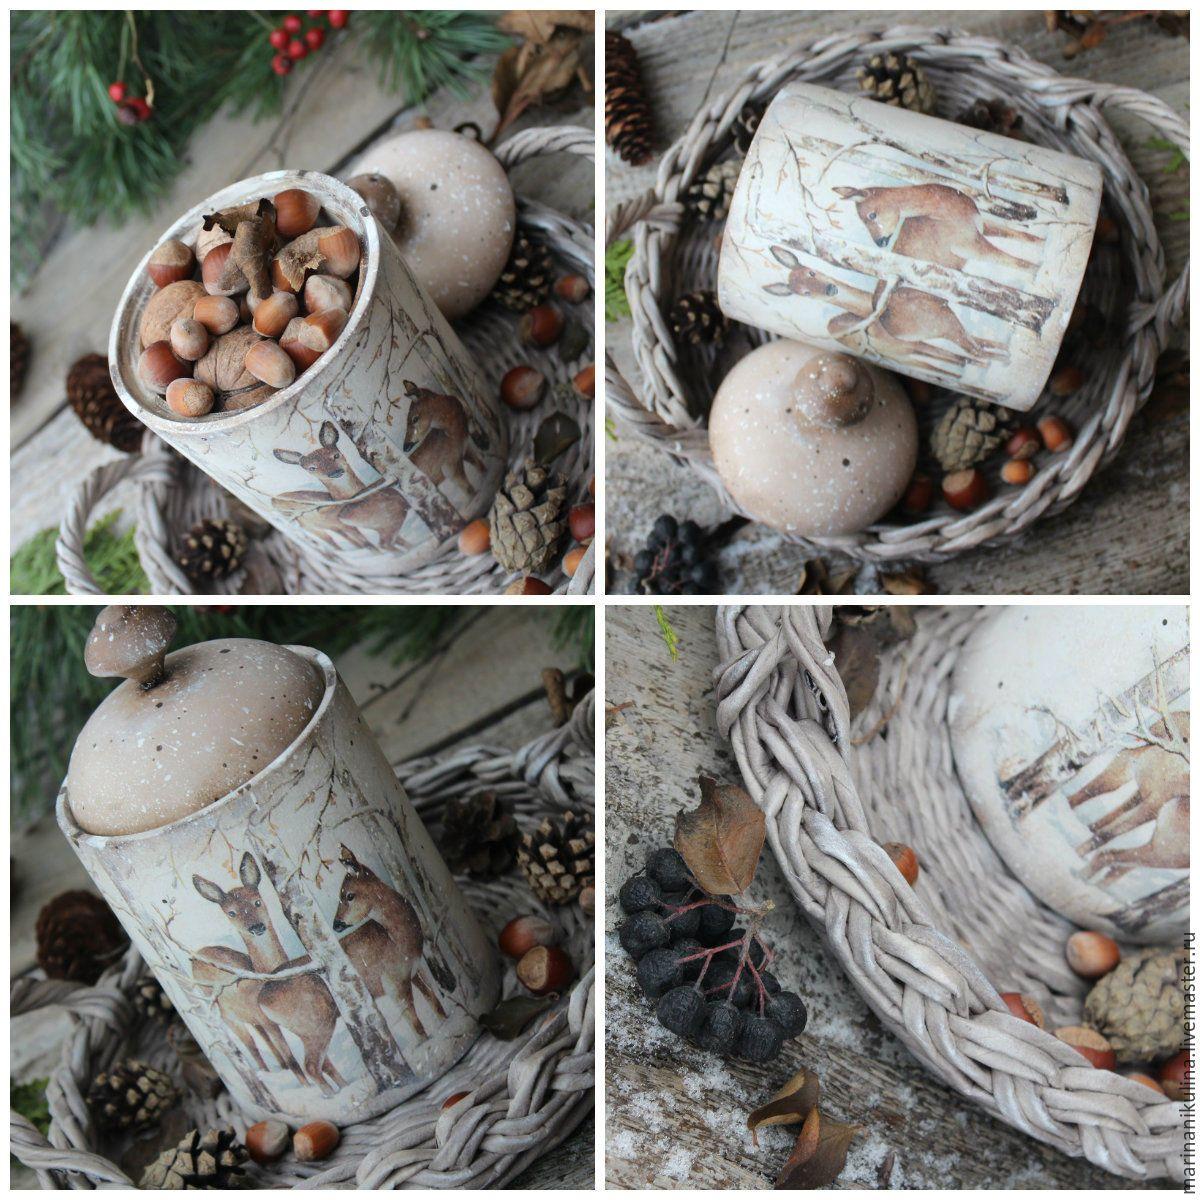 """Купить """"Лесные гости""""короб для орехов и сладостей - бежевый, коричневый, зима, зимнийлес, в лесу, лесные жители"""